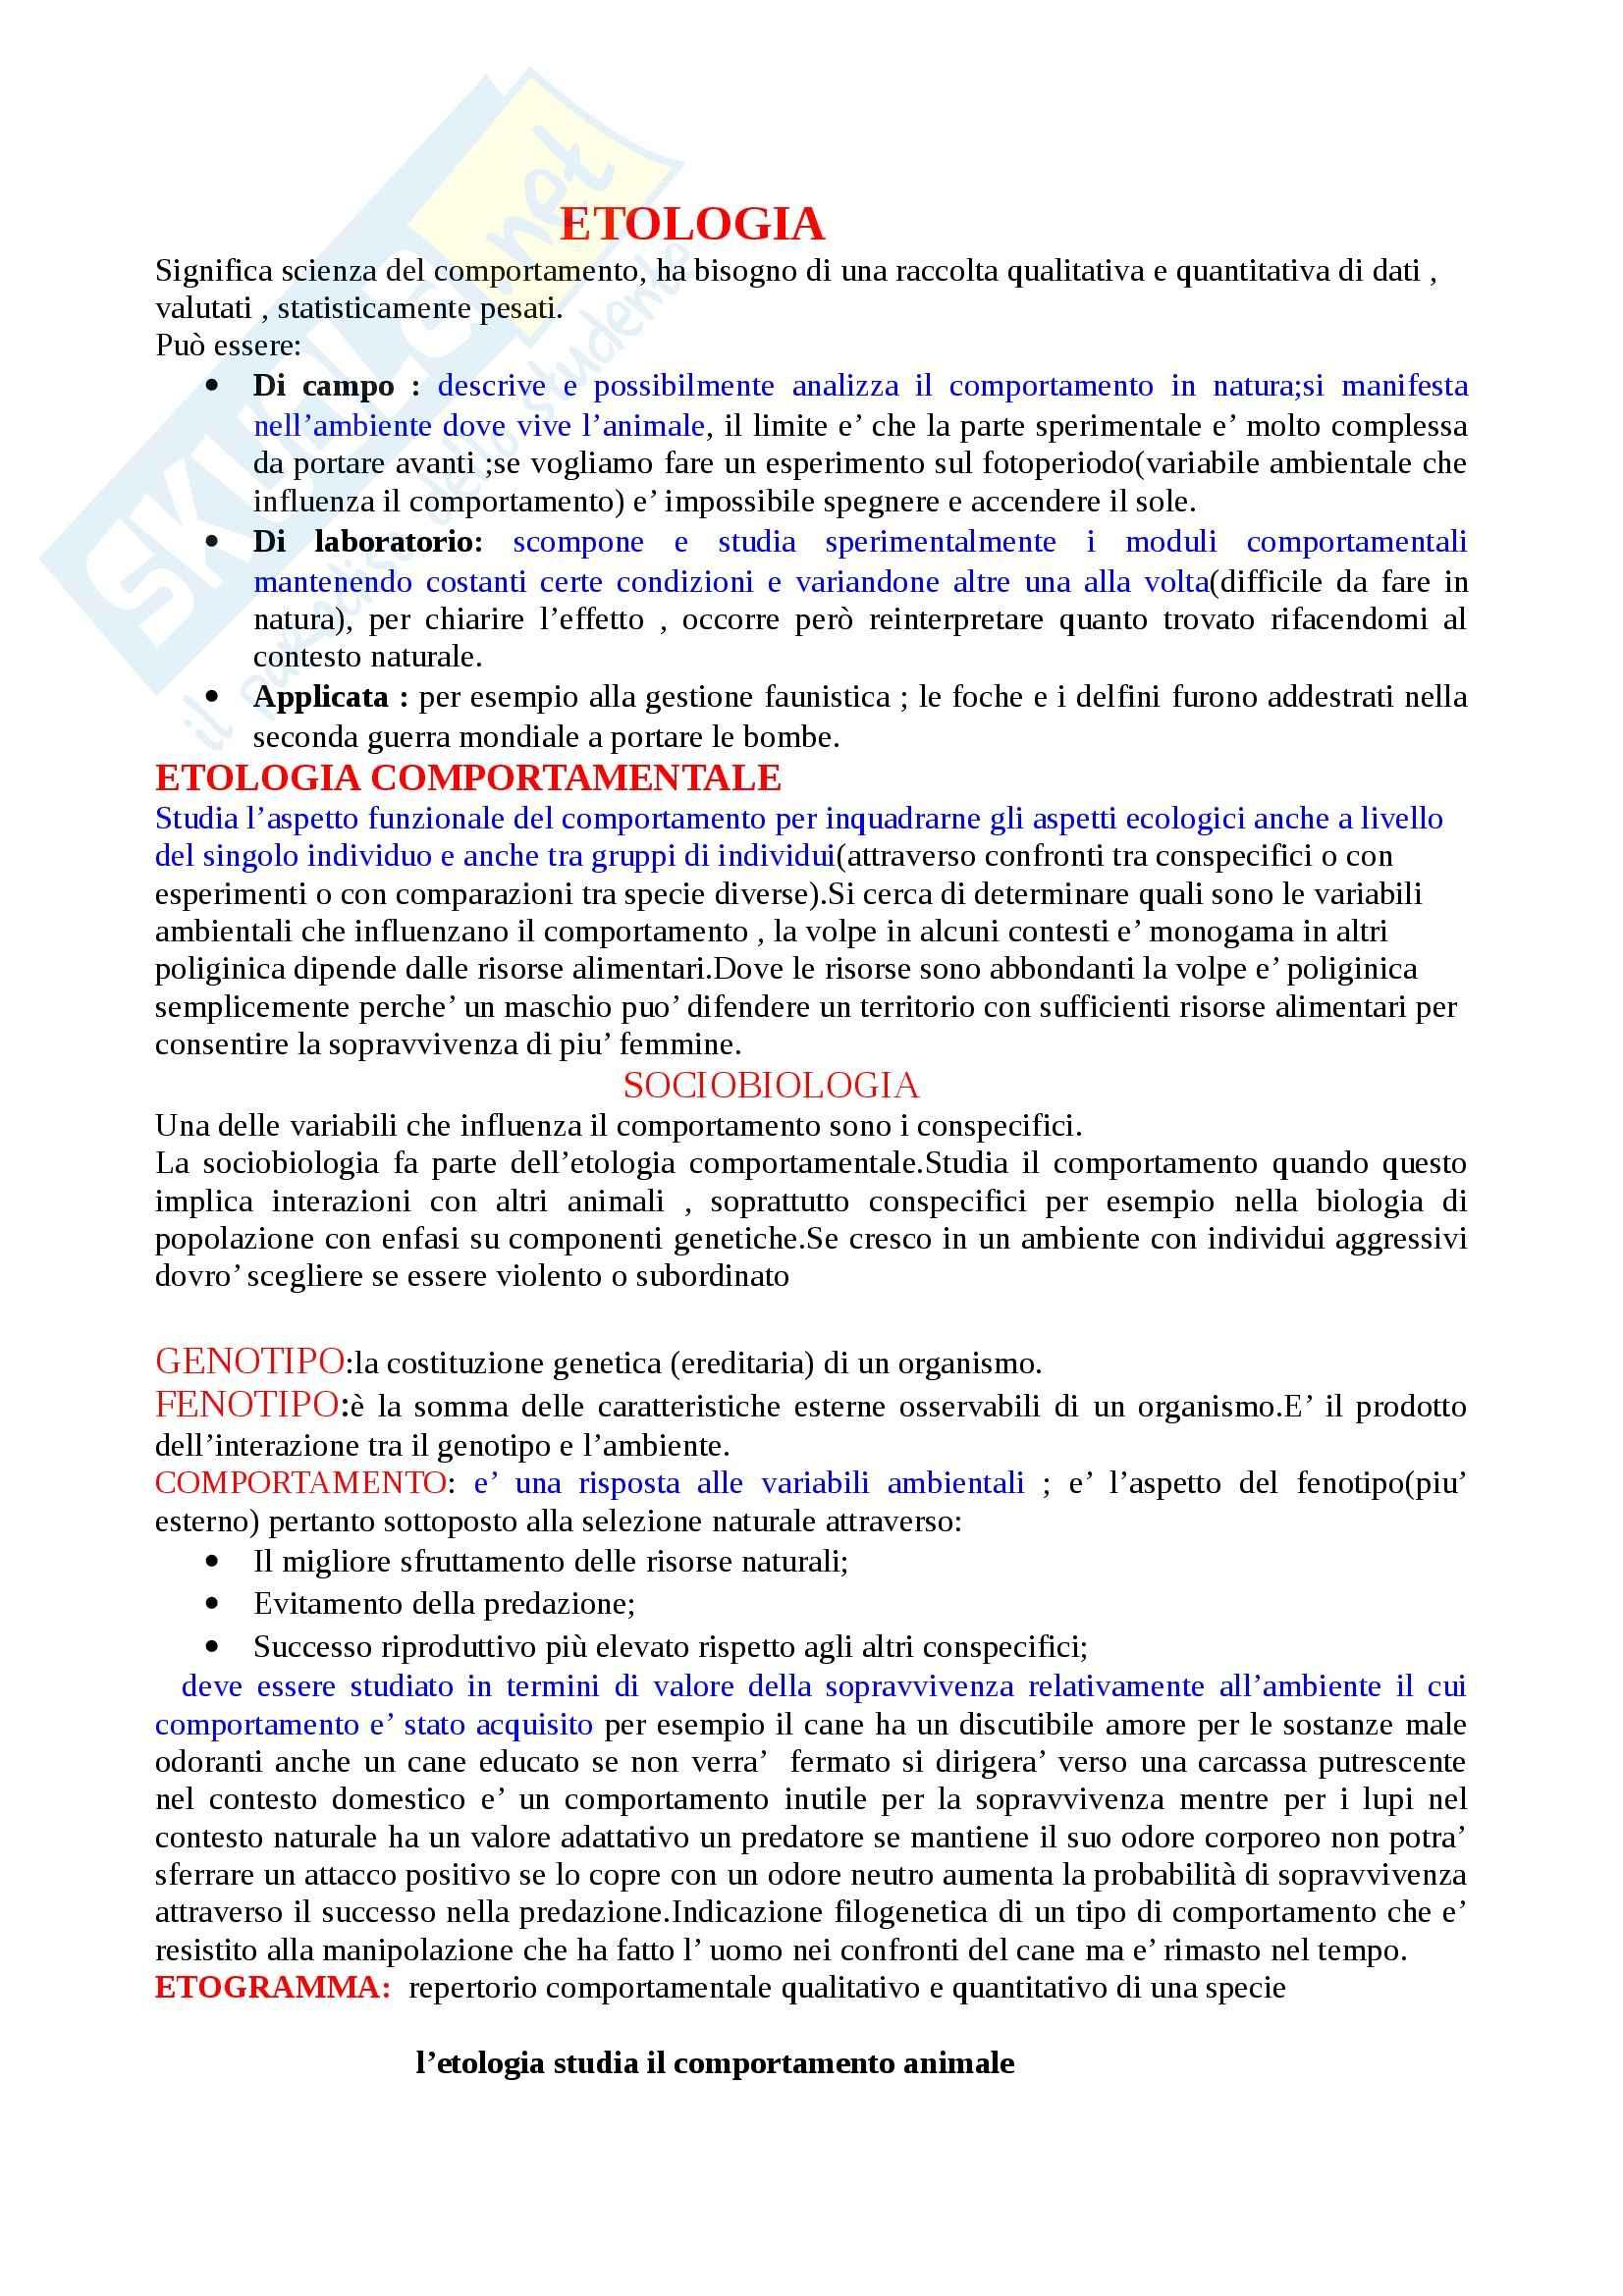 Etologia - Appunti